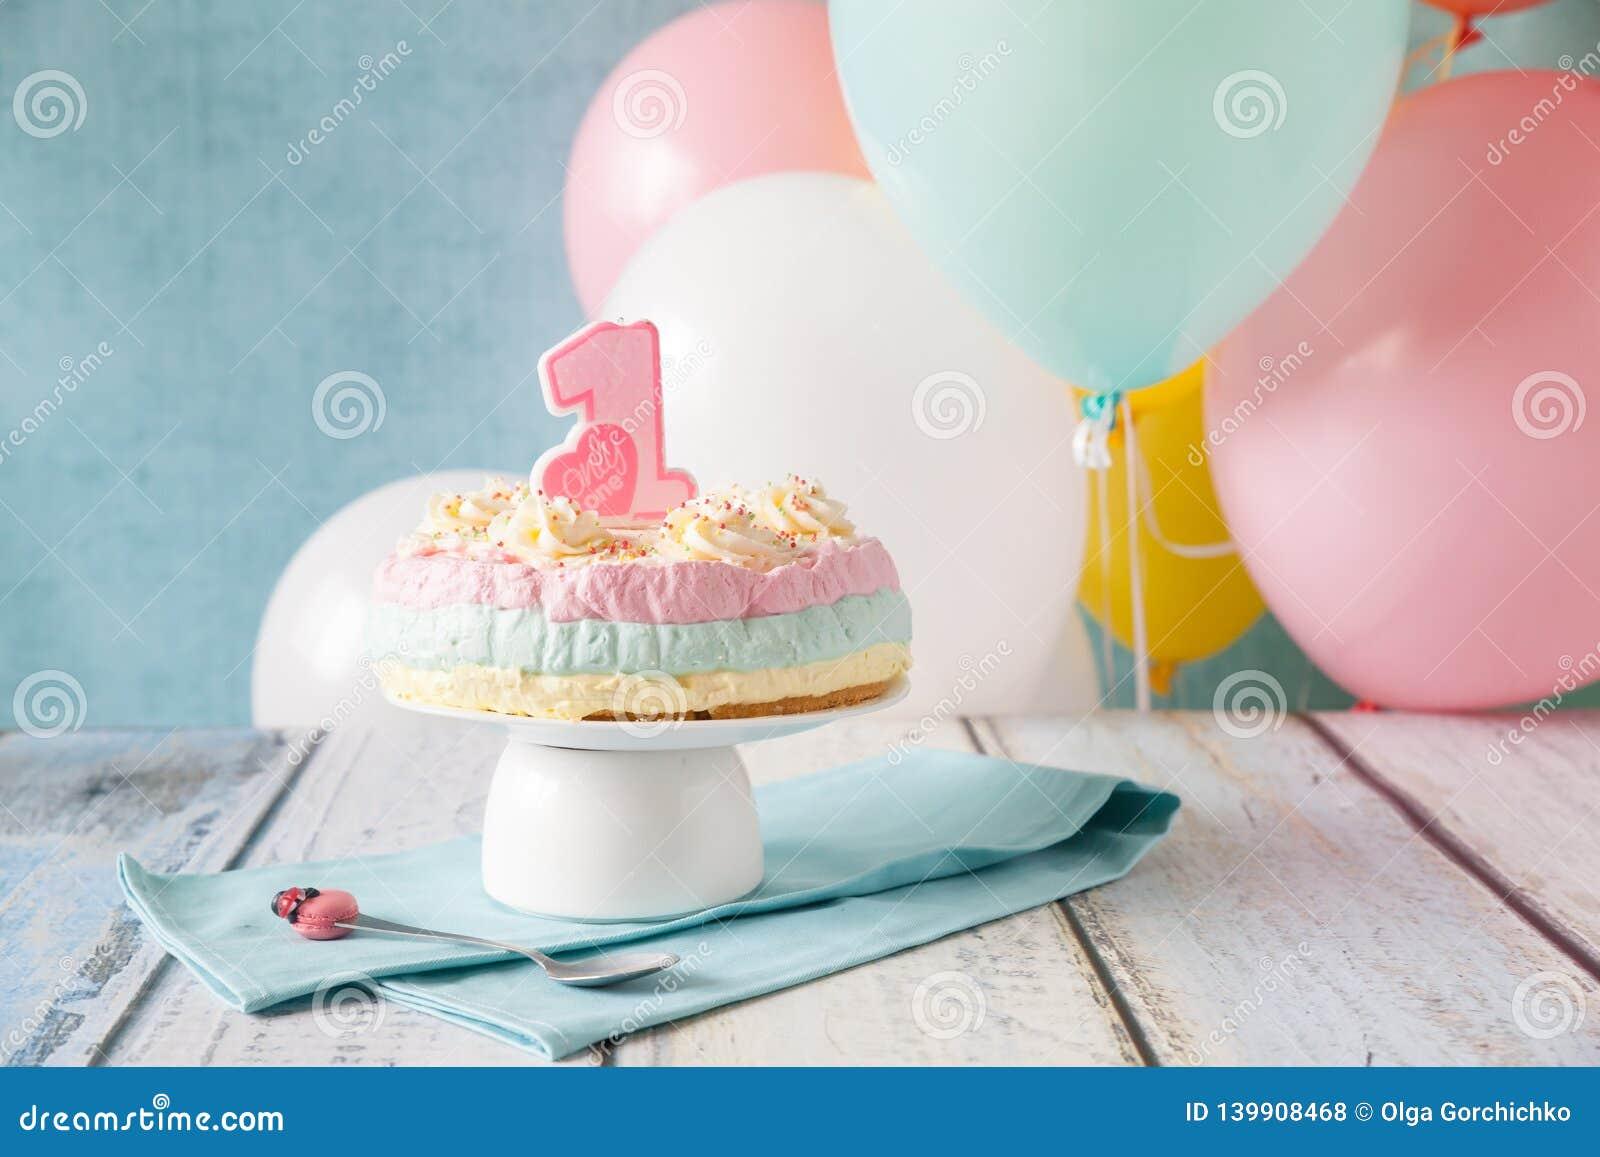 Multi überlagerter Pastellkäsekuchen für ersten Geburtstag